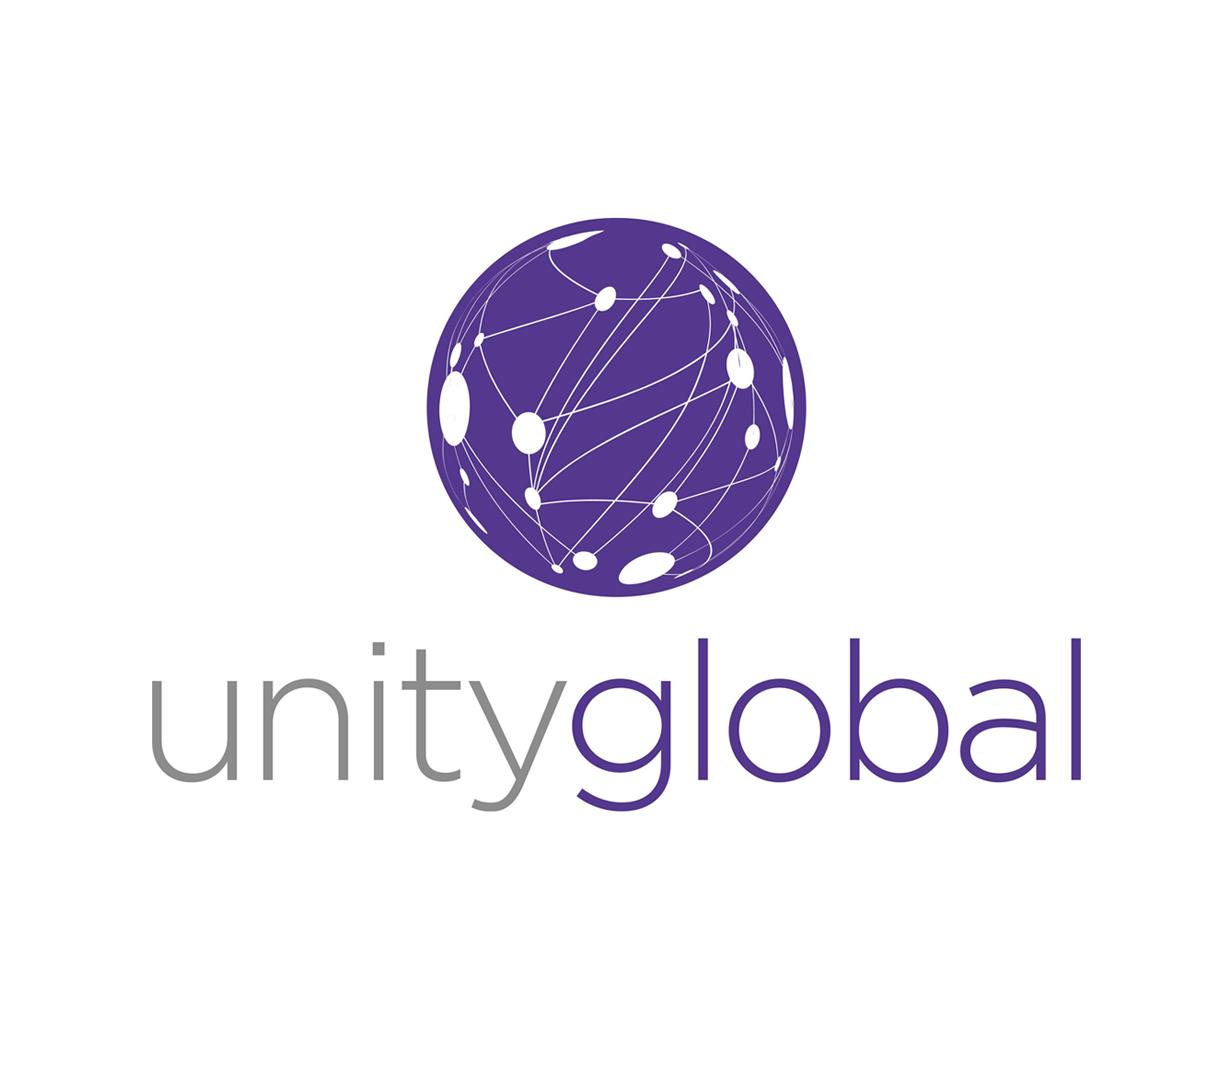 Unityglobal